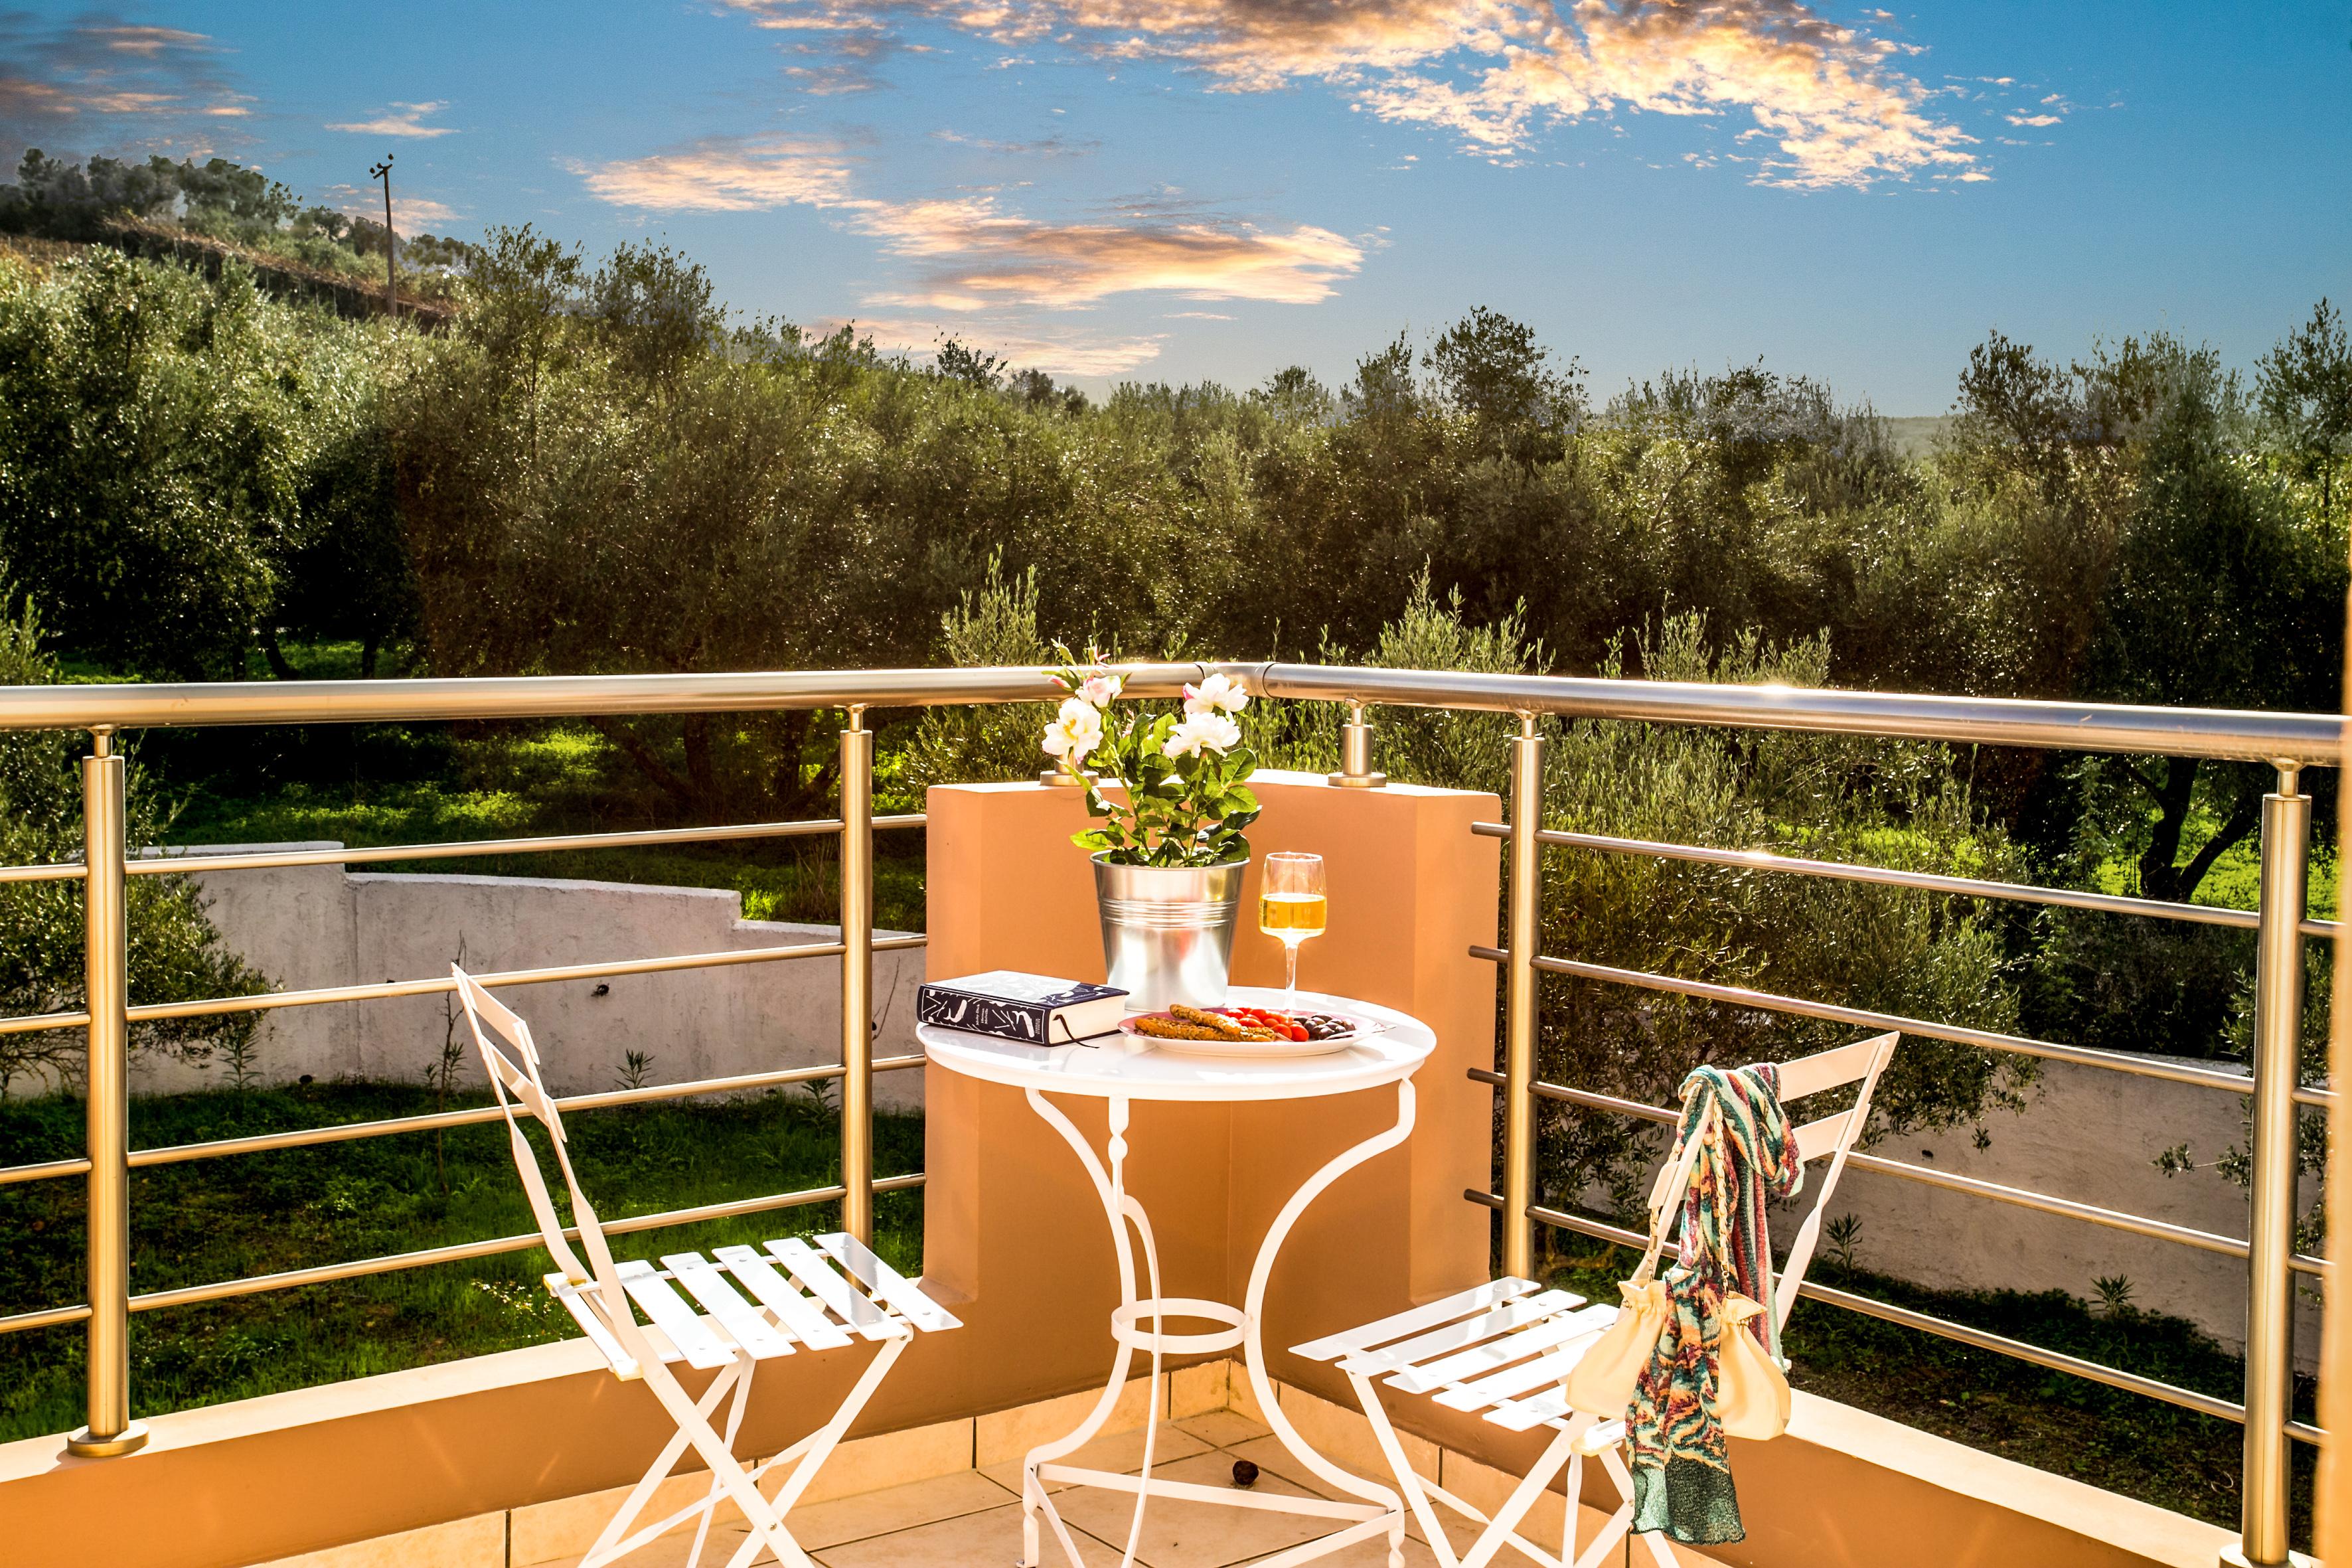 Ferienhaus Villa Katina mit privatem Pool in der Nhe von Almyrida (2125138), Neon Khorion Kriti, Kreta Nordküste, Kreta, Griechenland, Bild 19